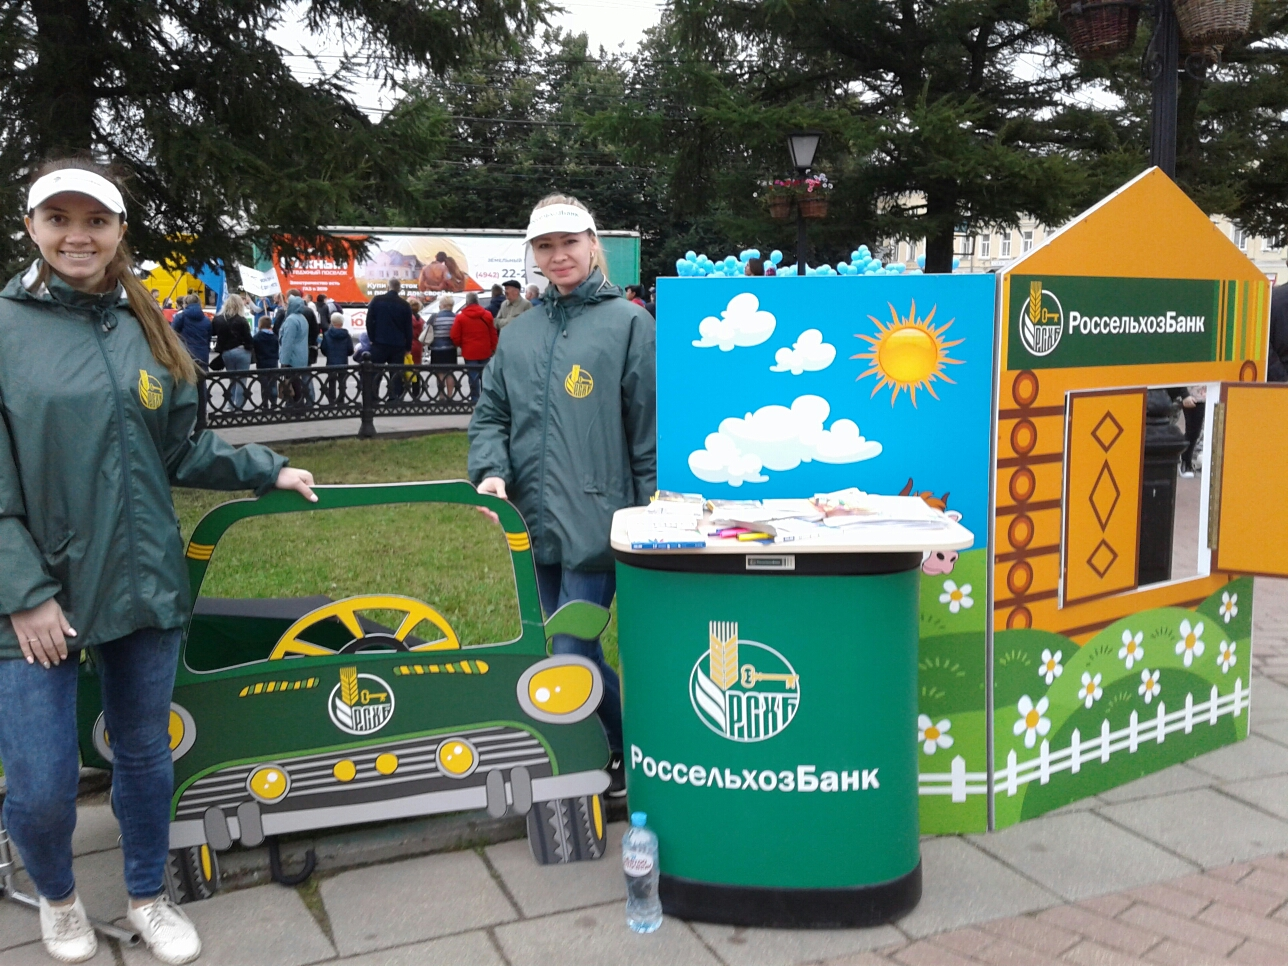 Россельхозбанк организовал для костромичей в День города арт-площадку